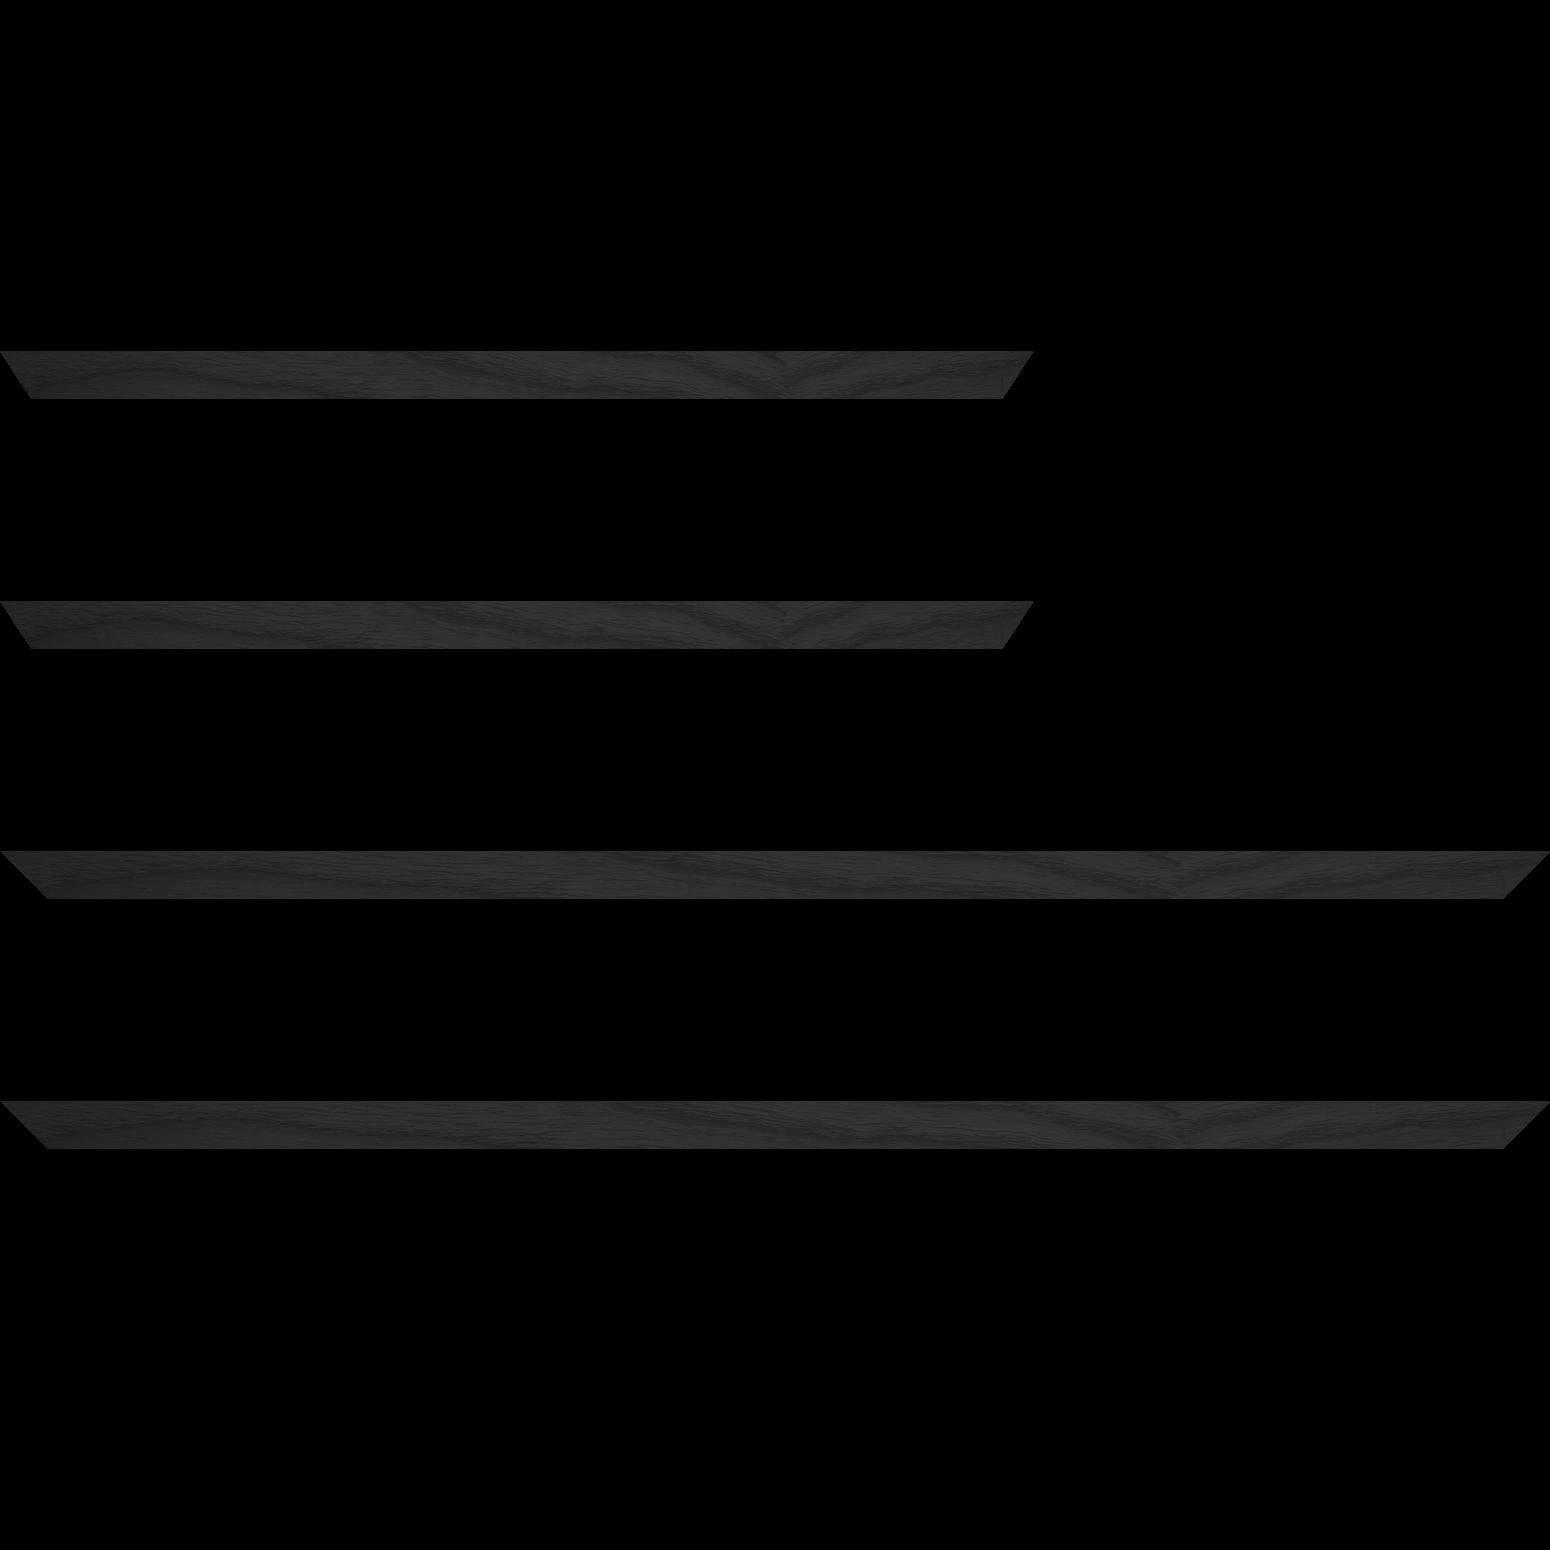 Baguette service précoupé Bois profil plat largeur 1.5cm hauteur 3cm plaquage haut de gamme chêne teinté noir